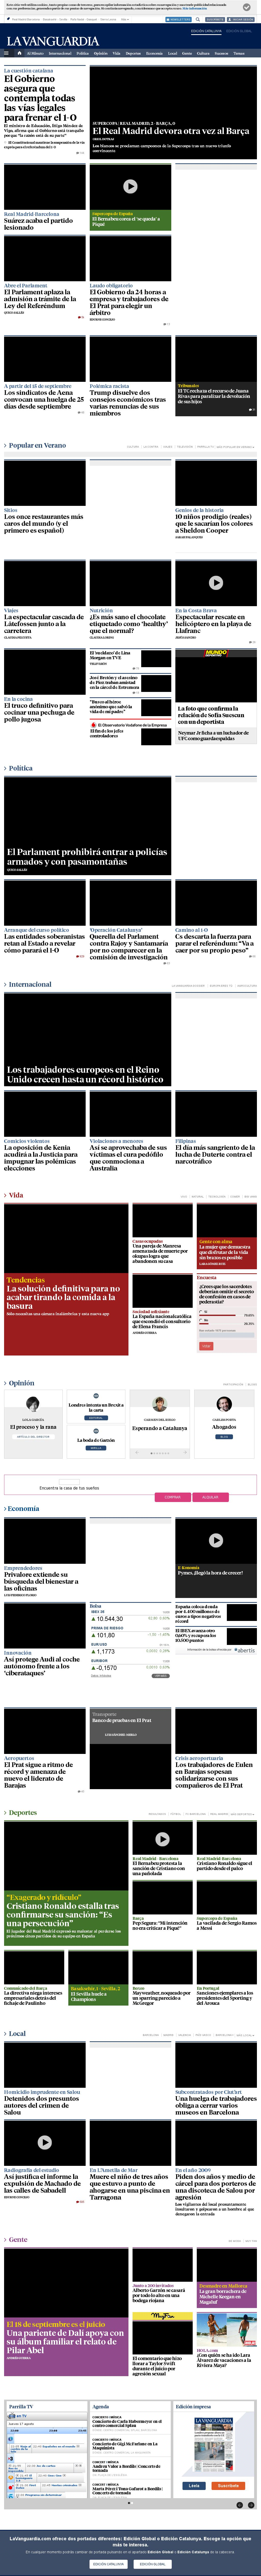 La Vanguardia at Wednesday Aug. 16, 2017, 11:21 p.m. UTC